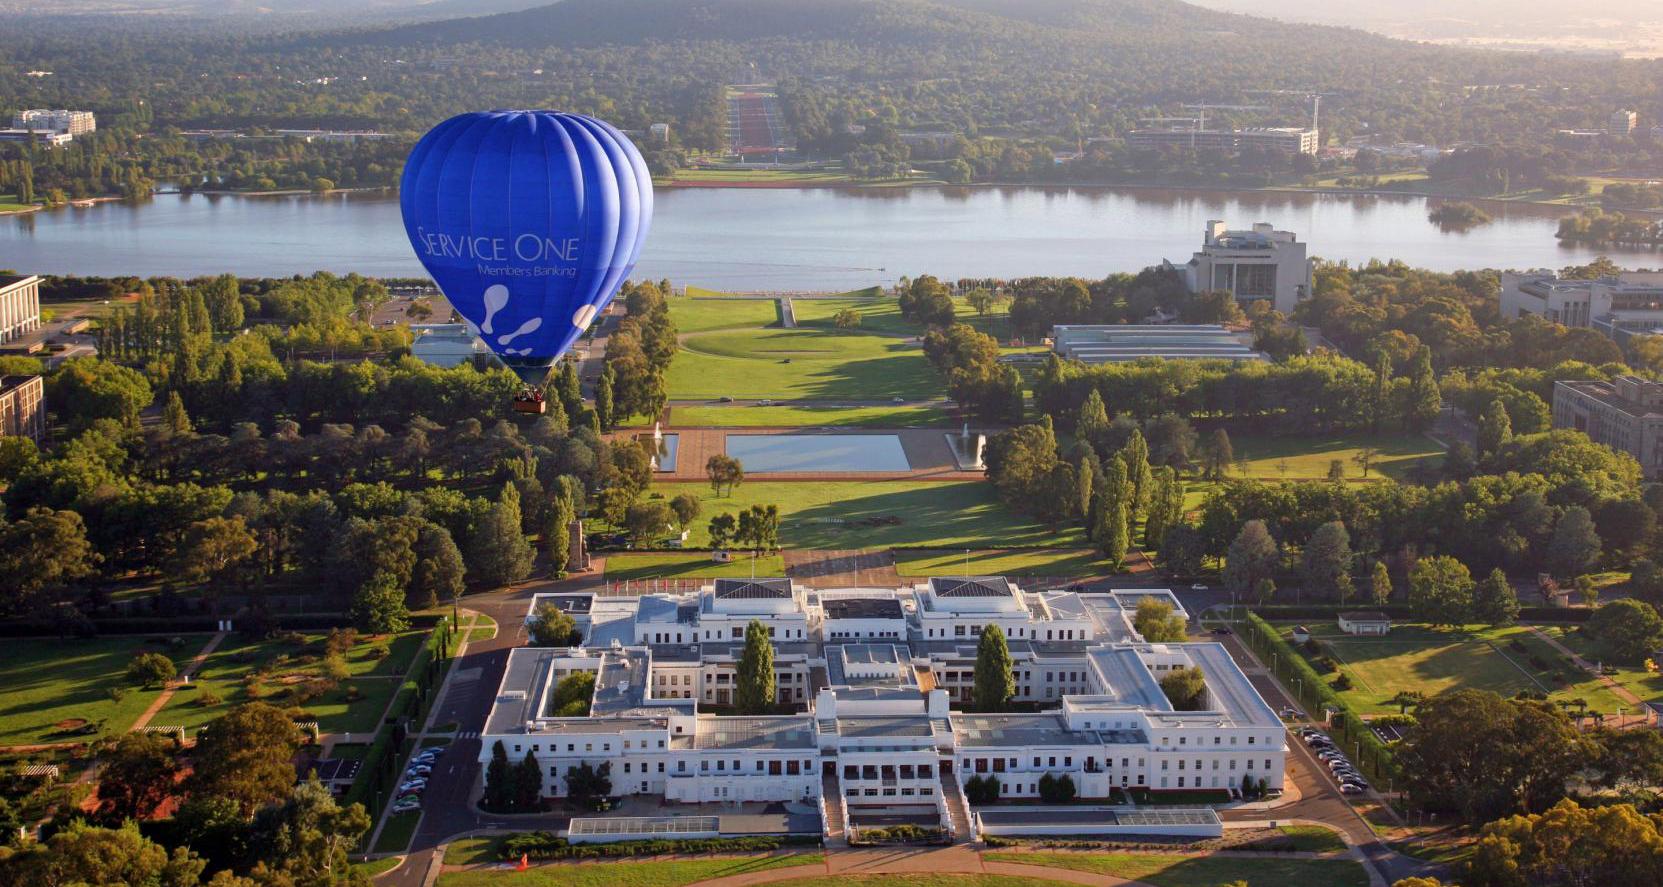 Tour-du-lịch-Úc-Canberra